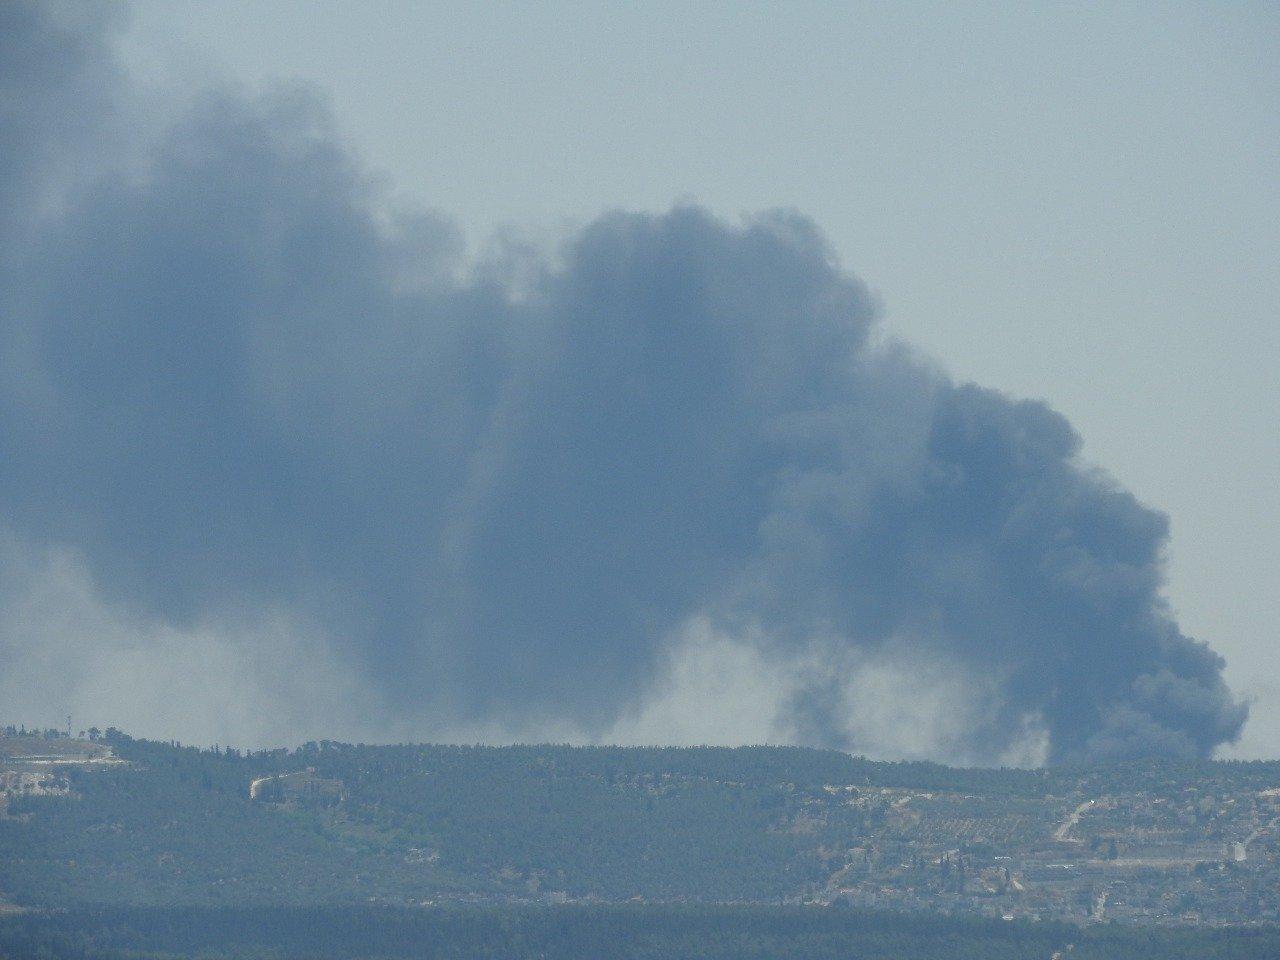 حرق اطارات، سبب الحريق الهائل بين يافة الناصرة والمجيدل